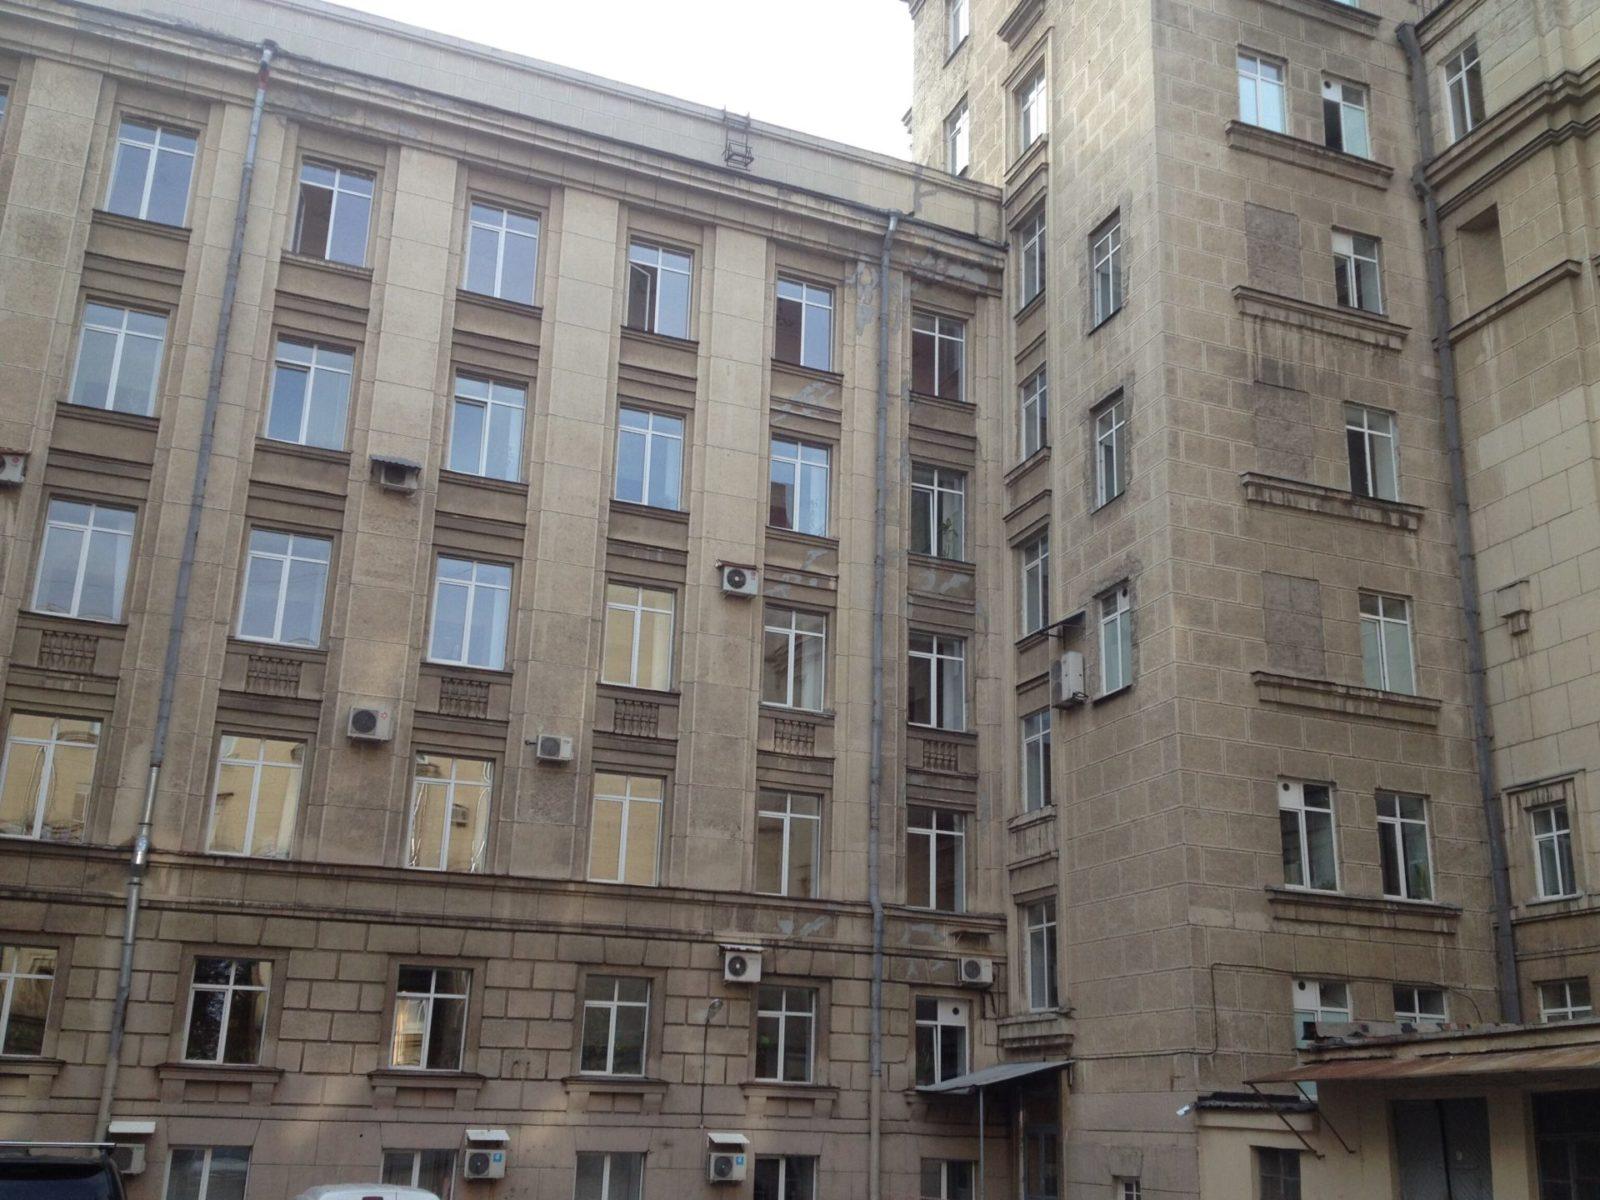 Ремонт фасадной части ОАО «ХОЛДИНГОВАЯ КОМПАНИЯ «ЛЕНИНЕЦ» в Петербурге